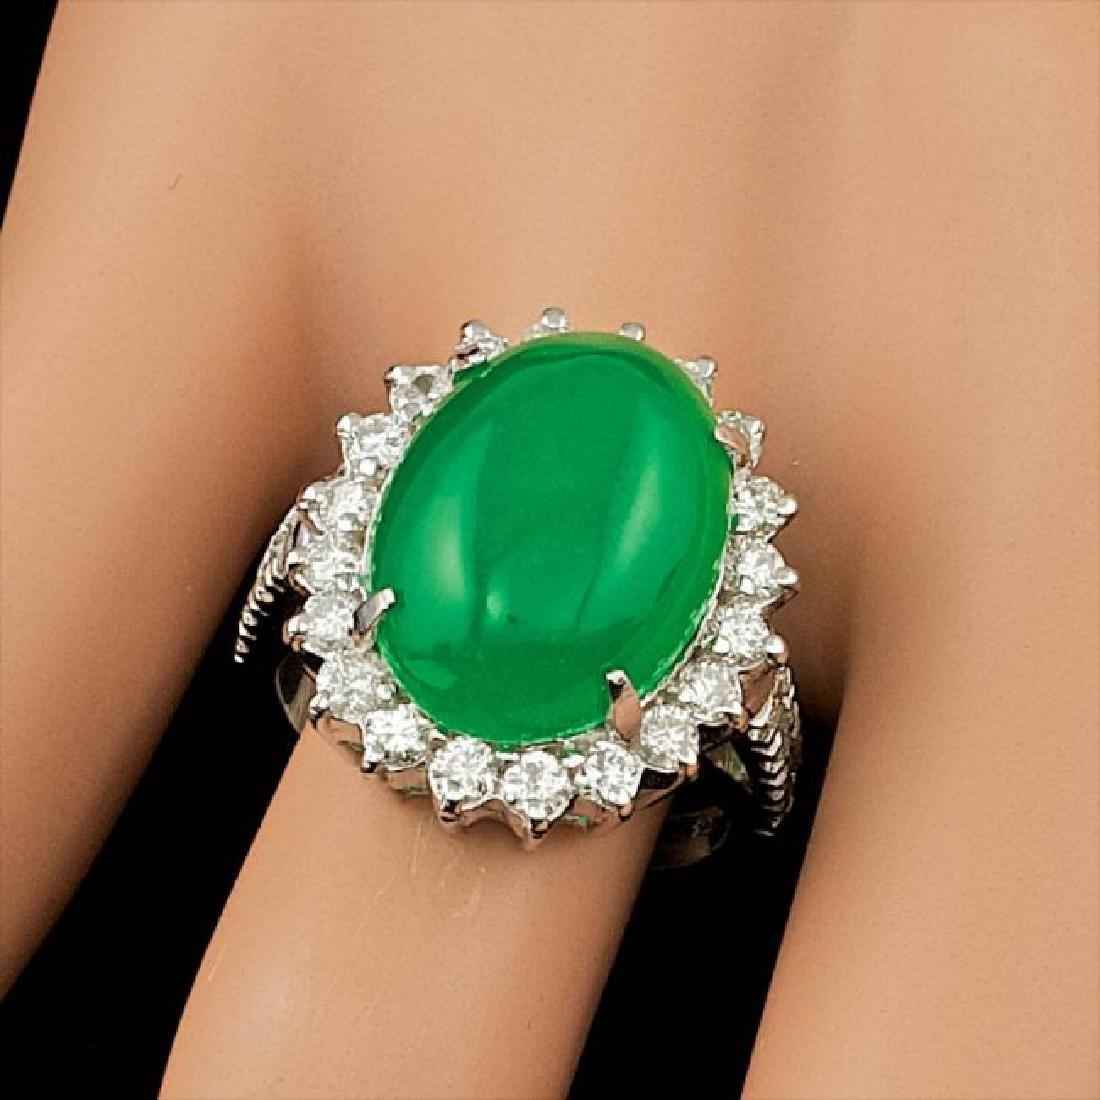 14k White Gold 9.50ct Jade 1.40ct Diamond Ring - 3